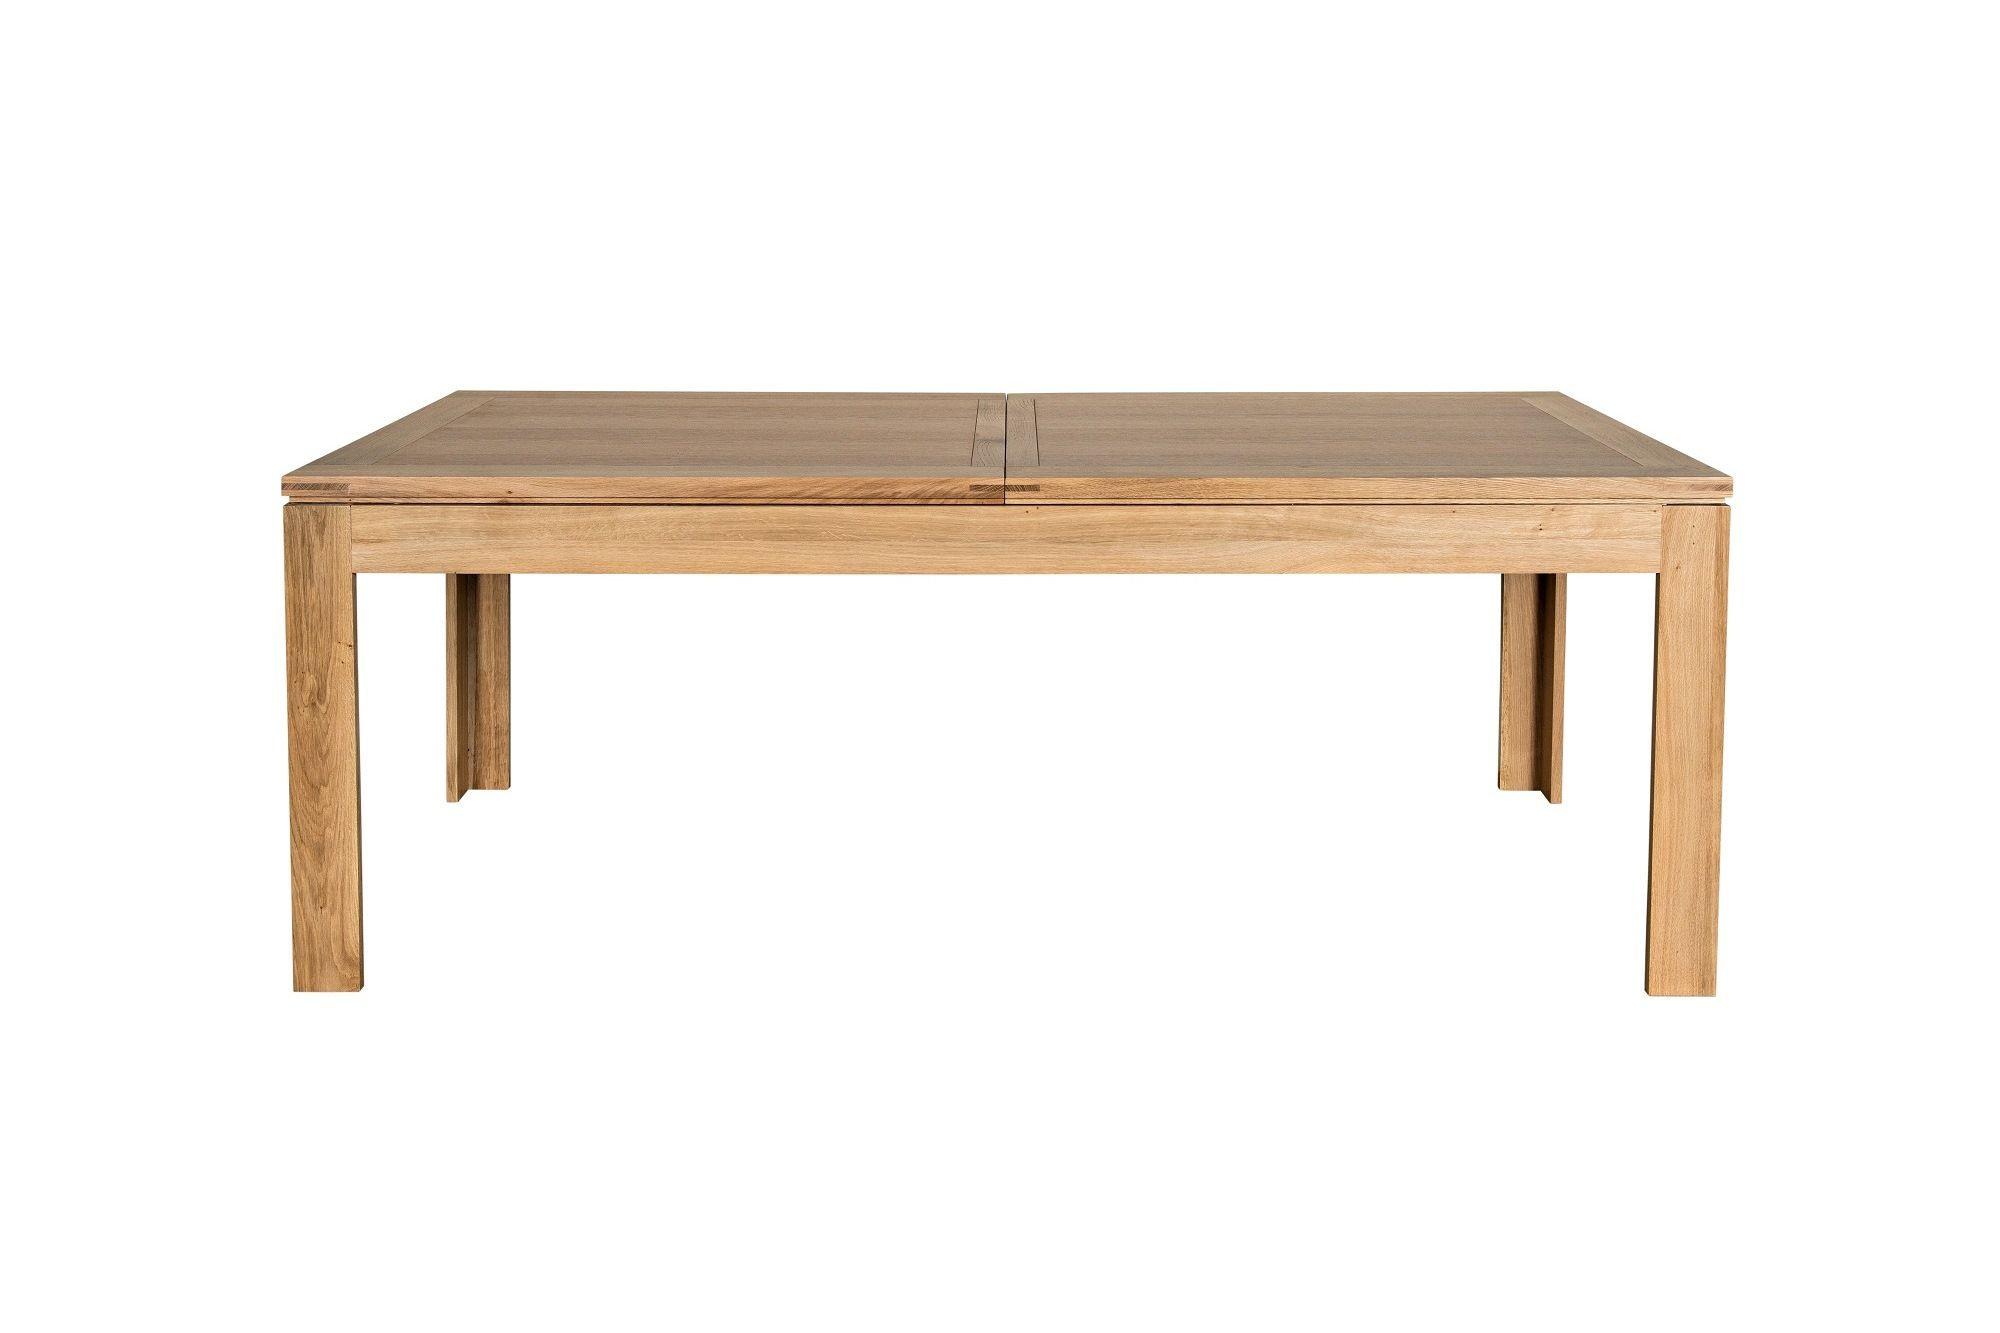 Table En Bois Chene Clair table moderne avec allonges centrales en chêne clair boston -hellin